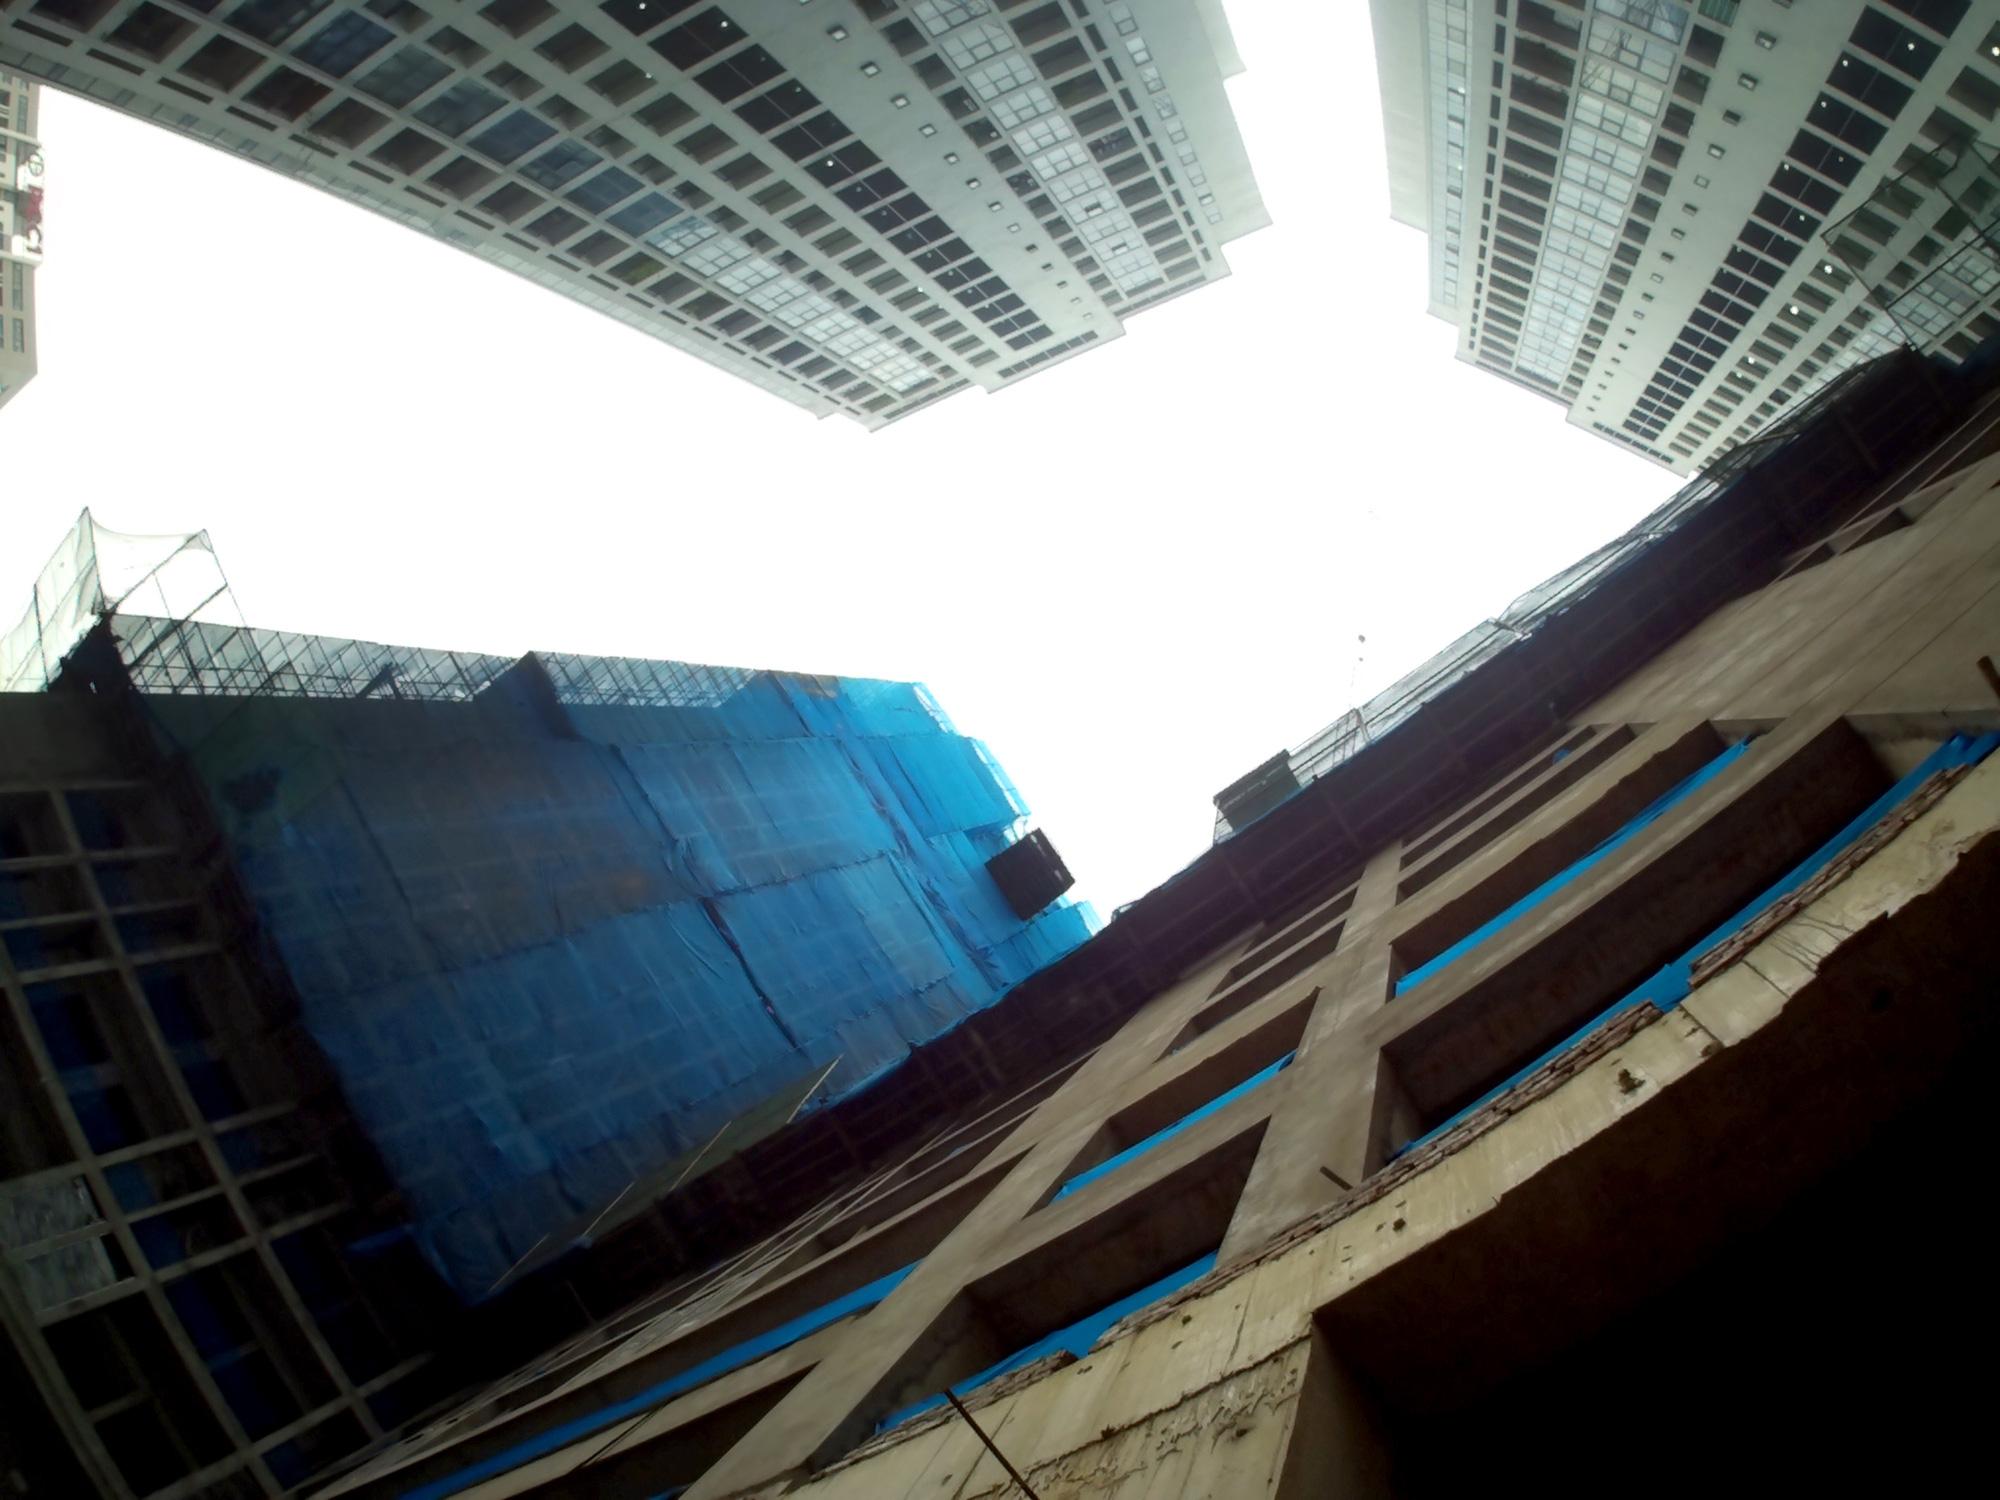 Khoảng không gian giữa hai dự án chính là phần đường nội bộ của hai dự án và bể bơi của An Bình Plaza. (Ảnh: Hồng Phong).